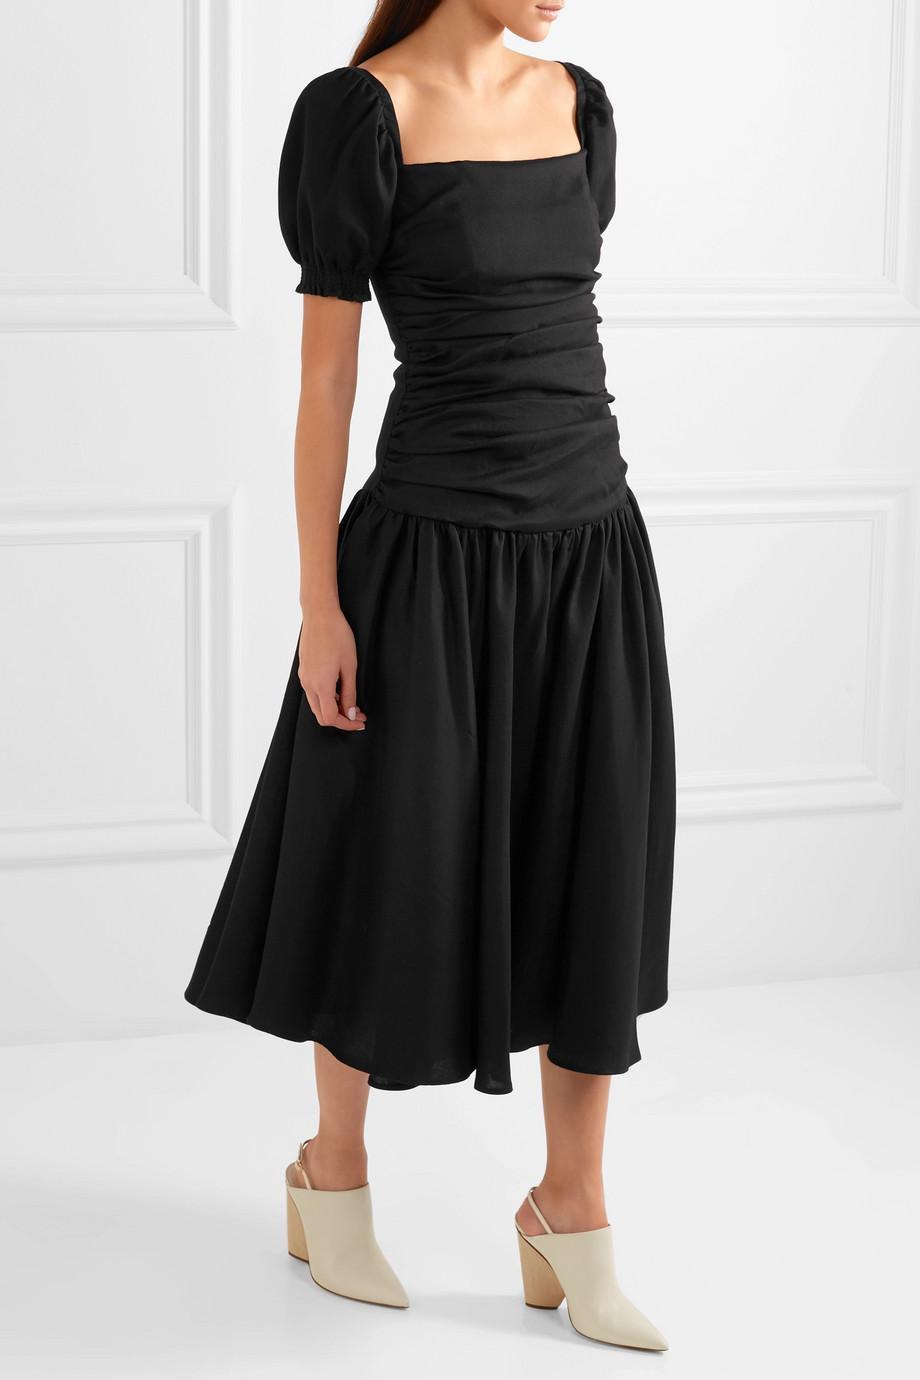 20 Spring Dresses Worthy of Easter Brunch 20